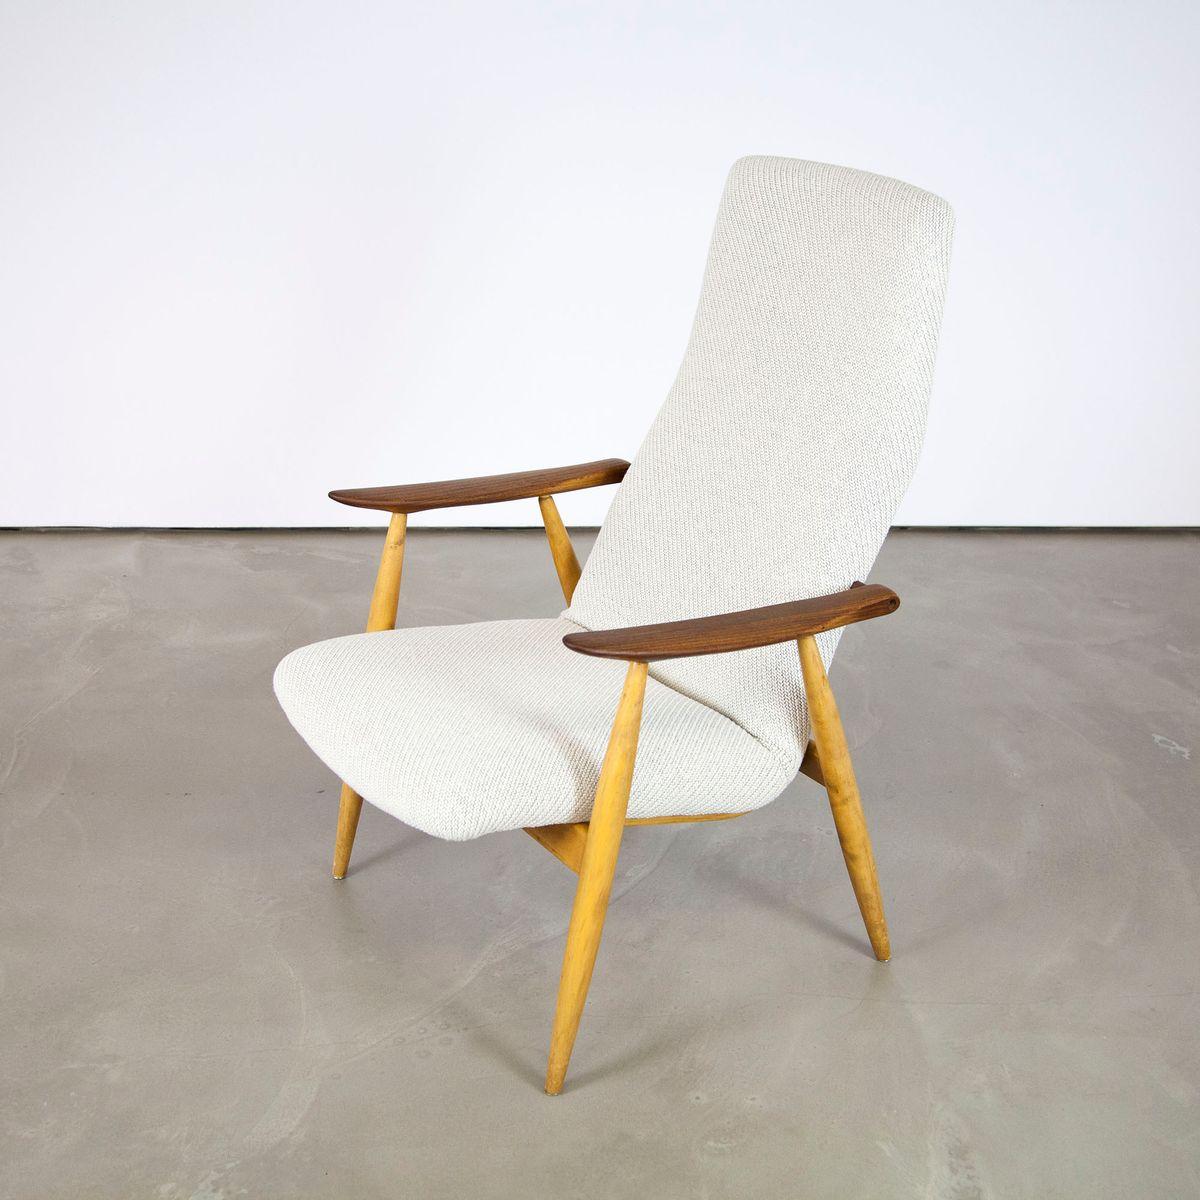 fauteuil haut dossier scandinave par olli borg pour asko en vente sur pamono. Black Bedroom Furniture Sets. Home Design Ideas